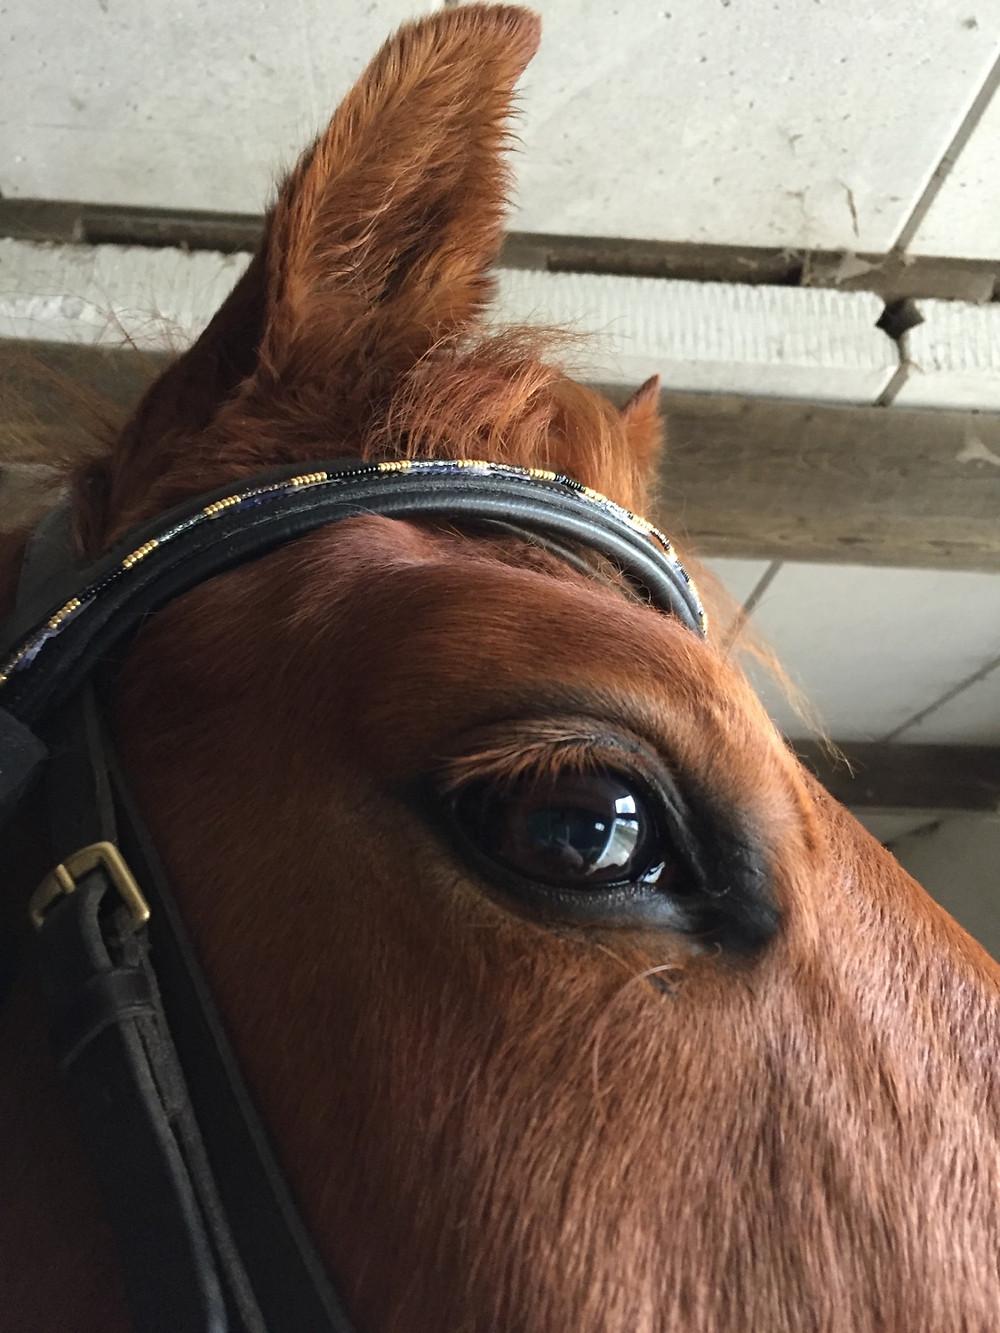 Horse wearing OOAK band